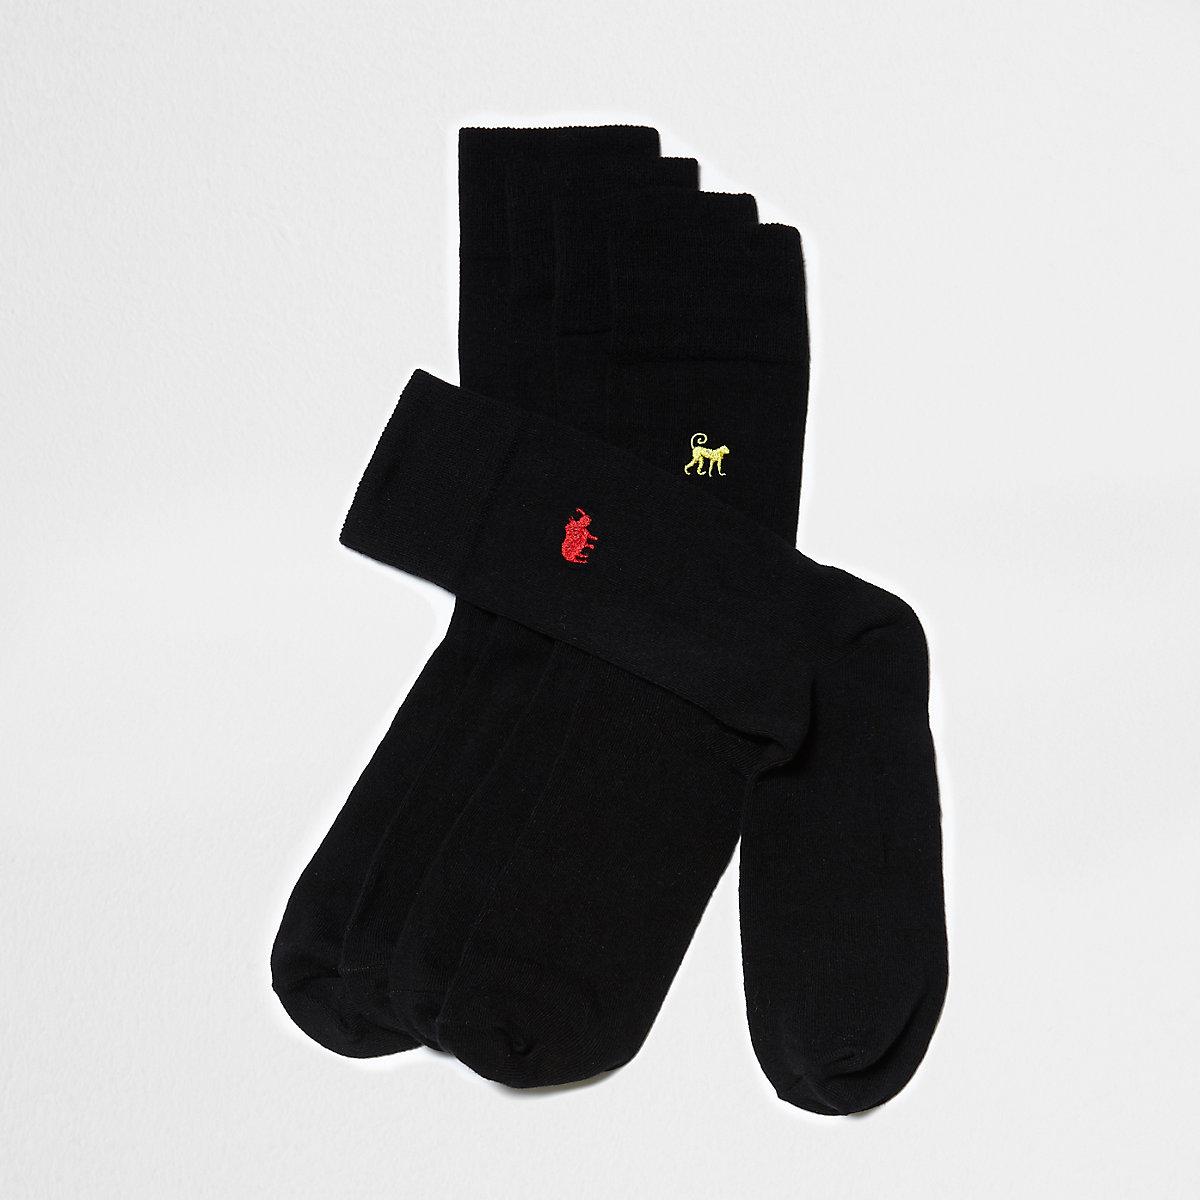 Lot de5 paires de chaussettes noires à animaux brodés